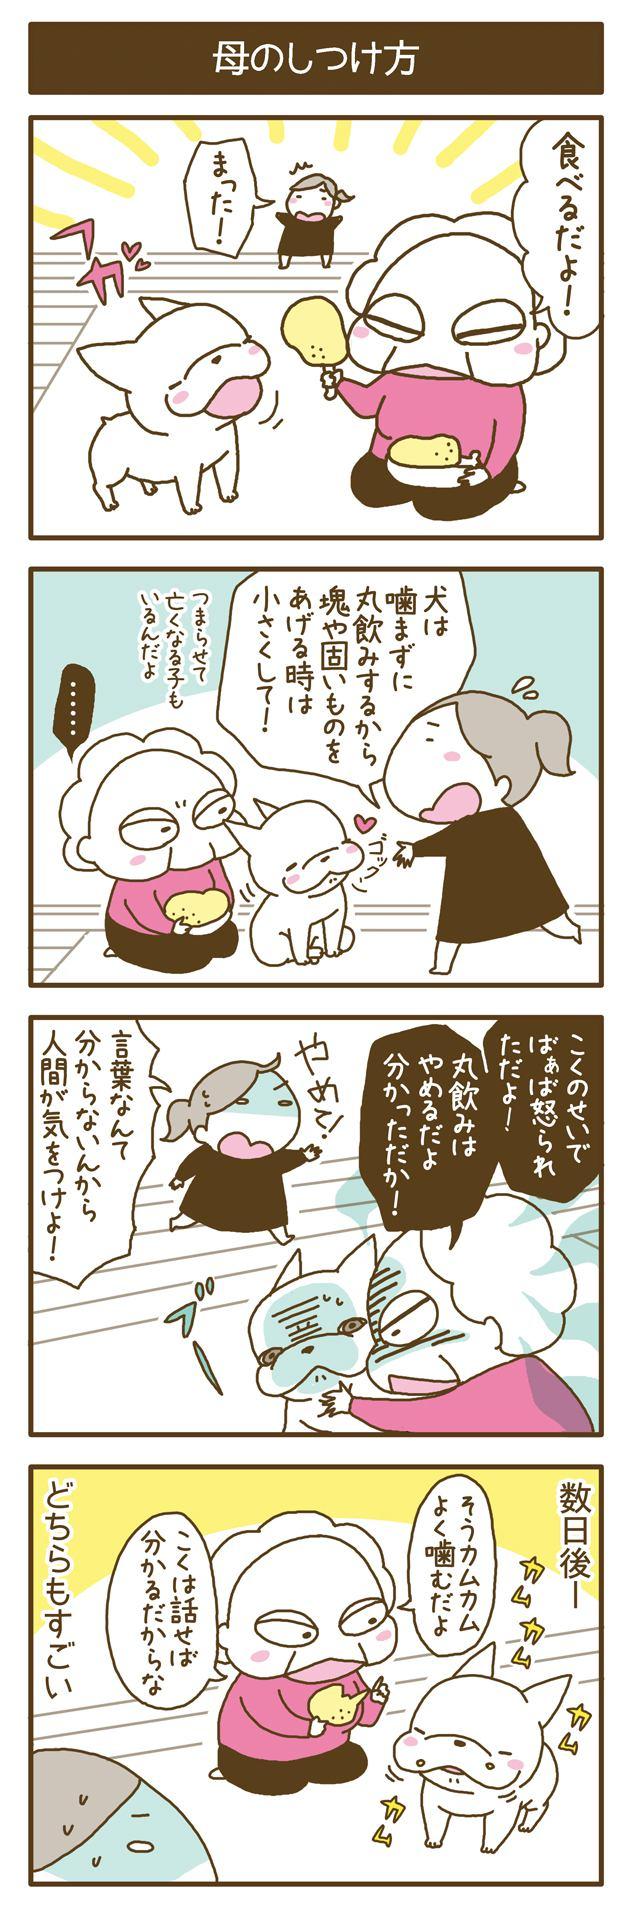 フレブルこくぼ第9話